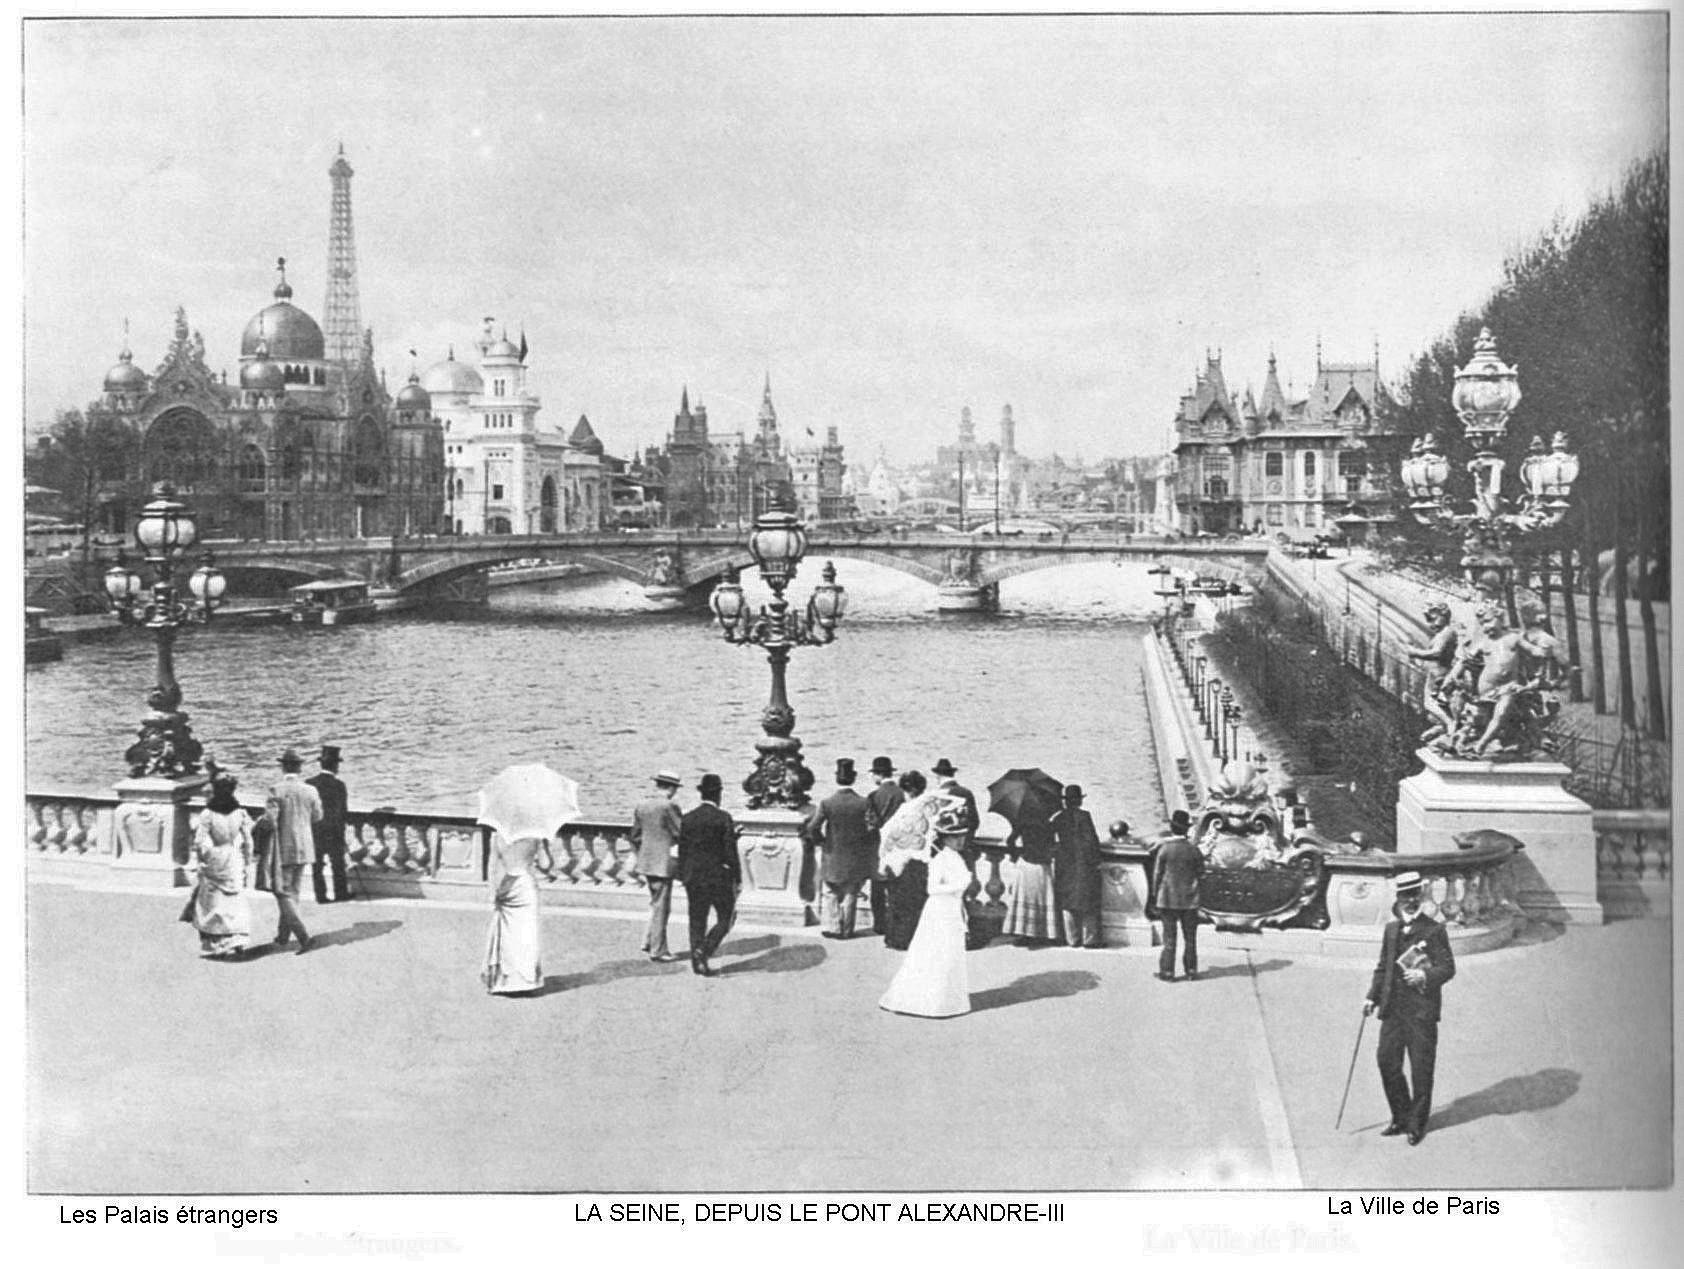 Ressources histoire exposition universelle 1900 la seine depuis le pont alexandre iii